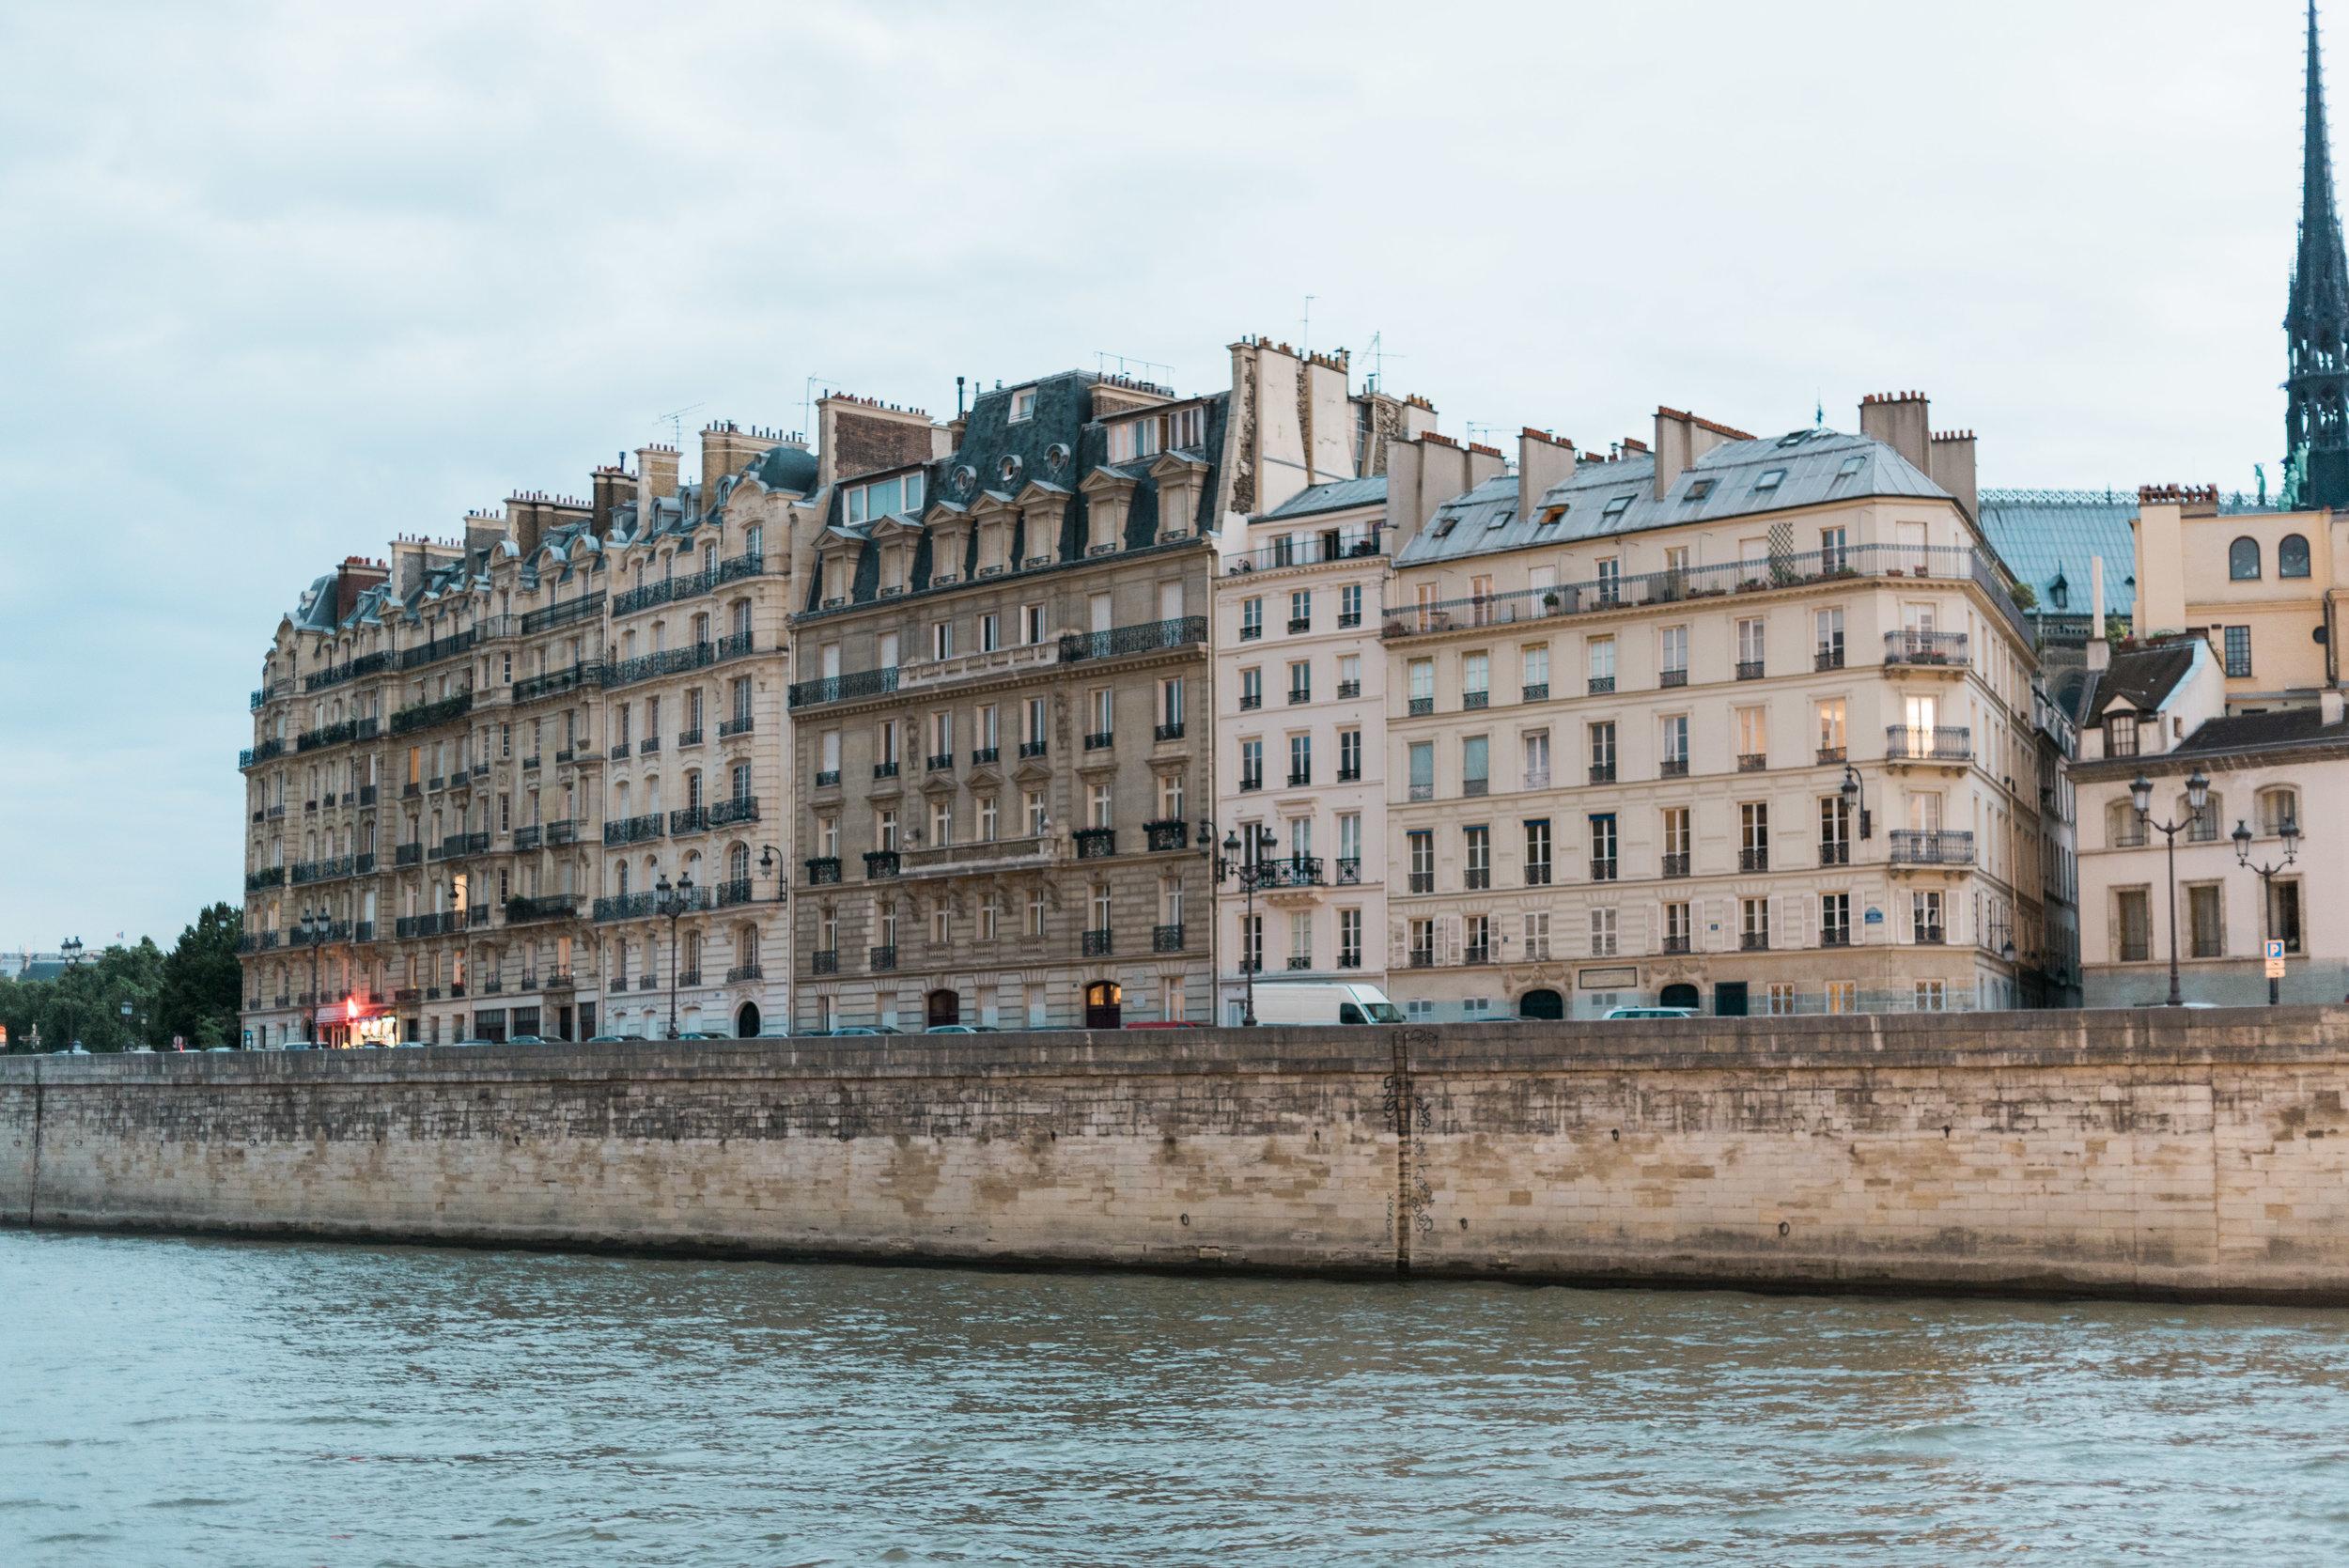 boat tour paris france travel photographer